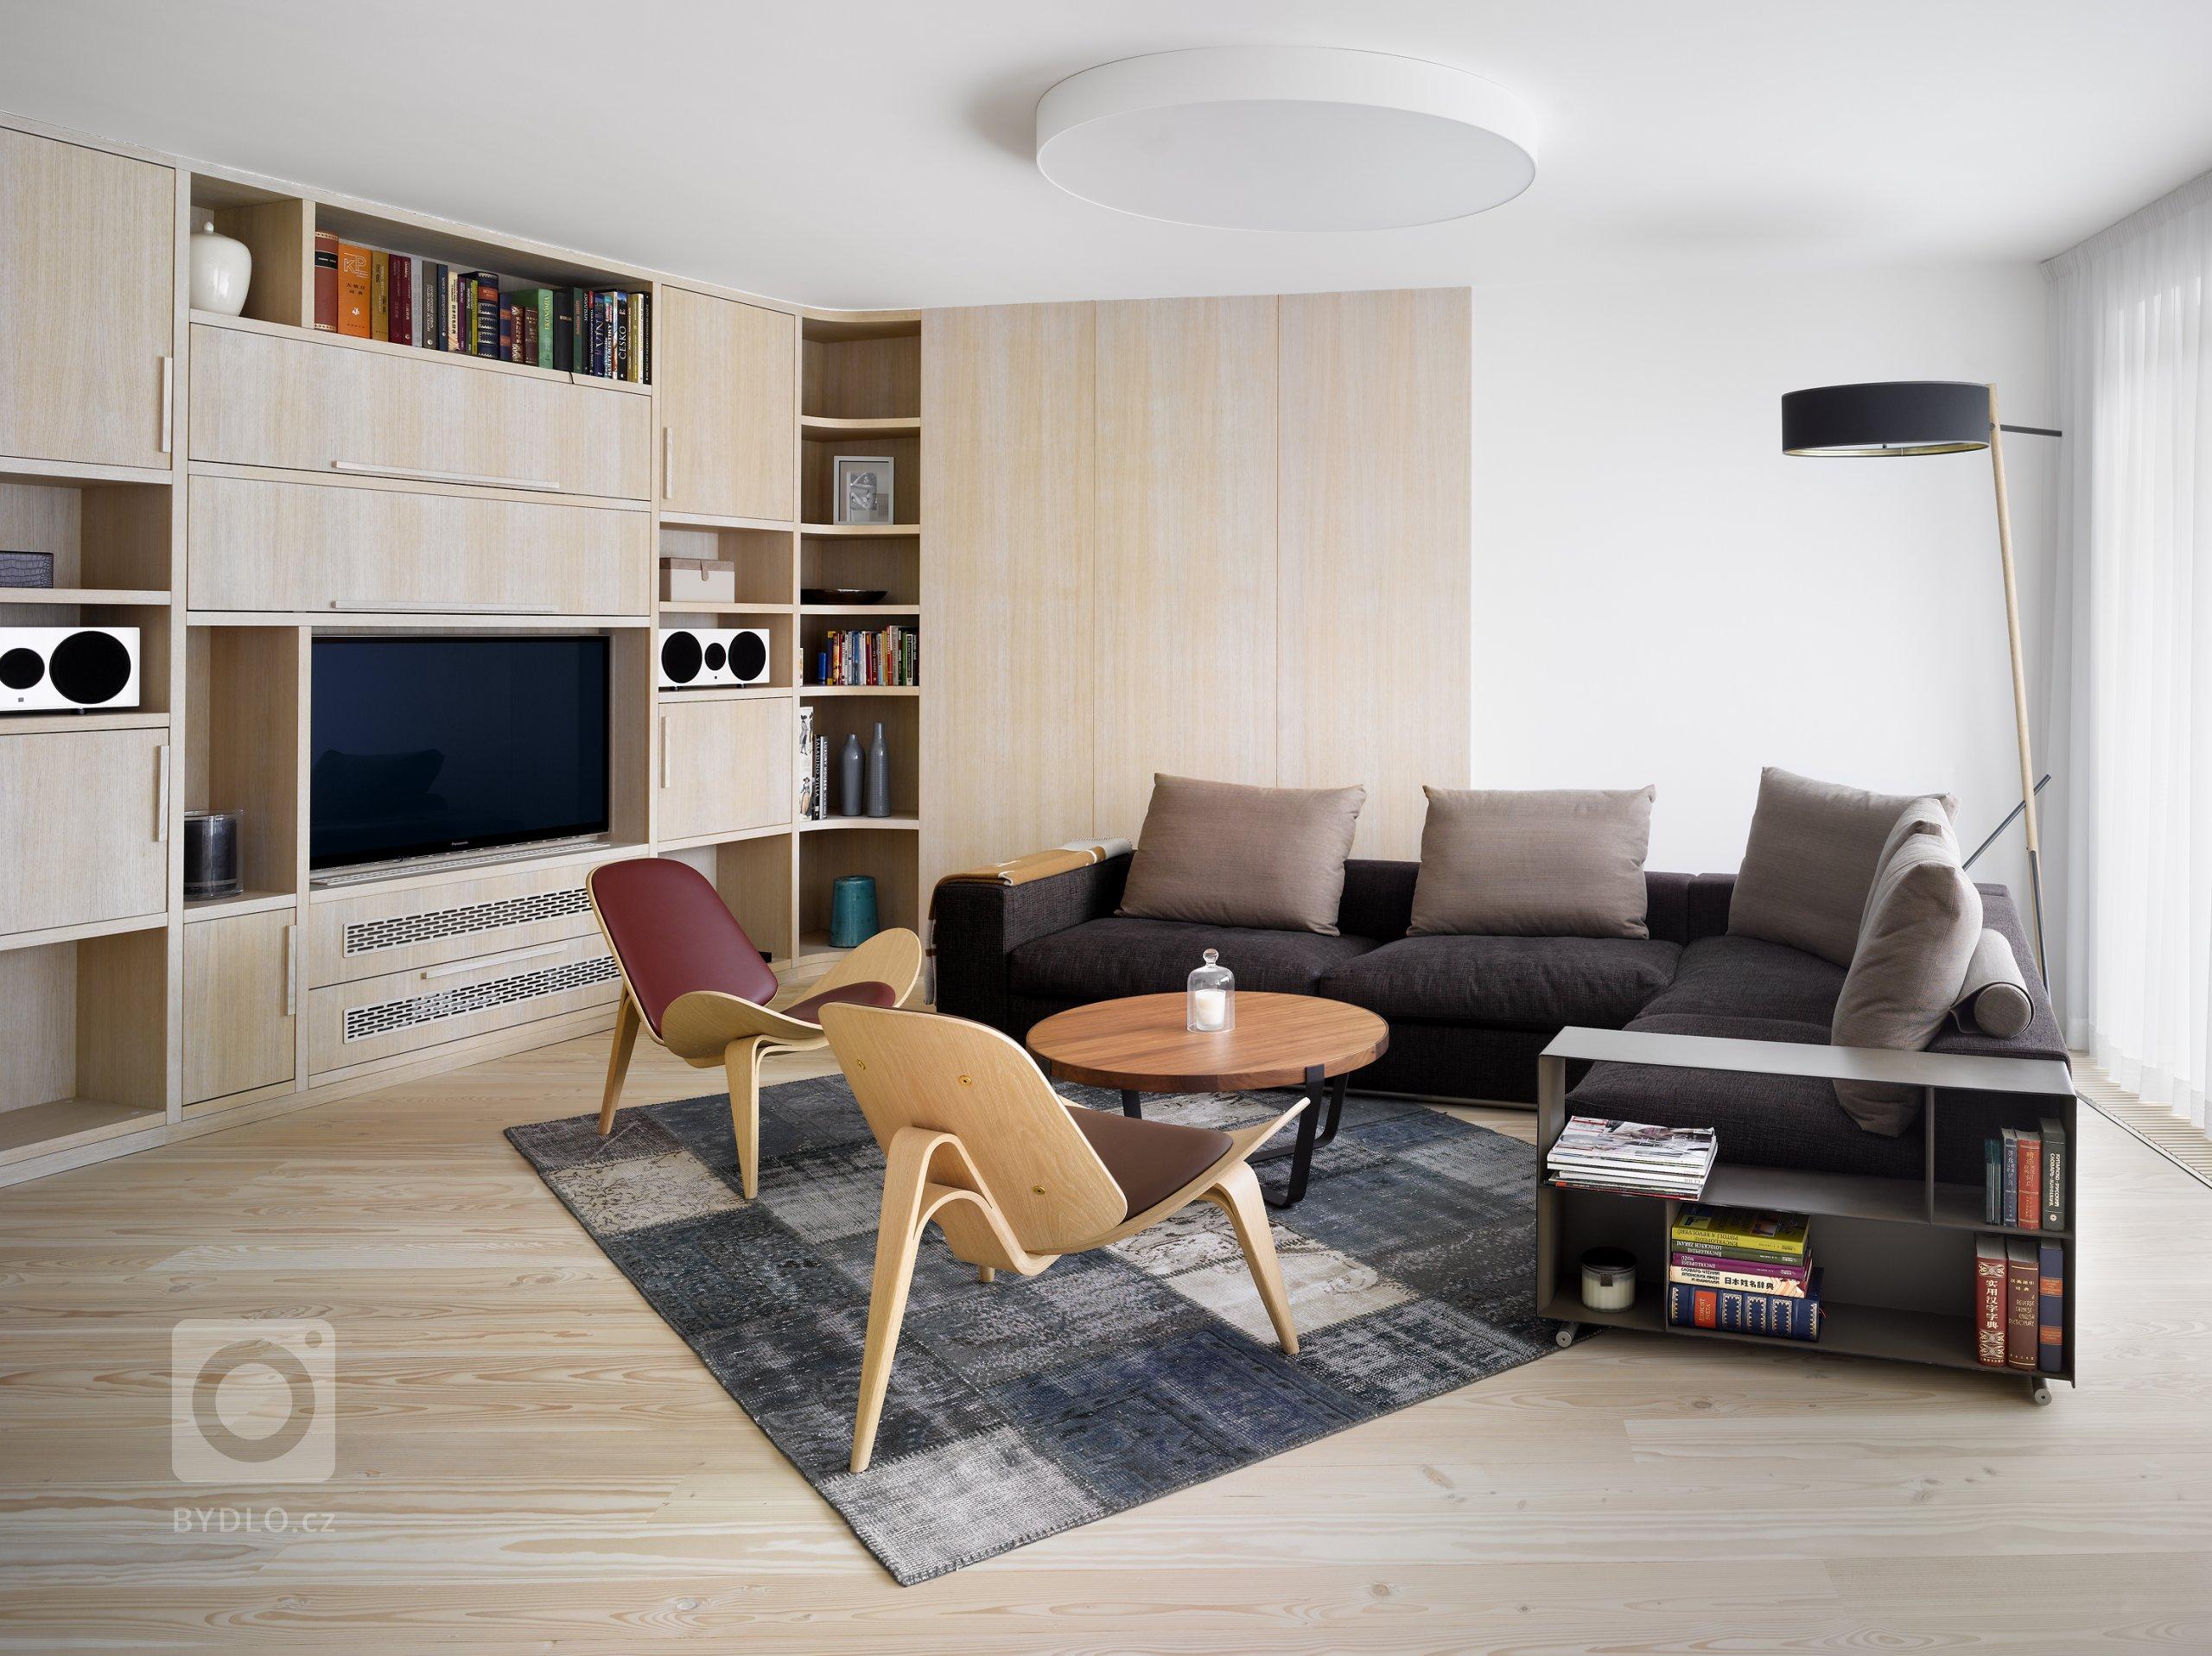 Byt v rezidenčním projektu Lannova se může pyšnit použitím luxusních materiálů, jako je například onyx a nebo čalouněním stěny pravou kůží. Kvalitní materiály…